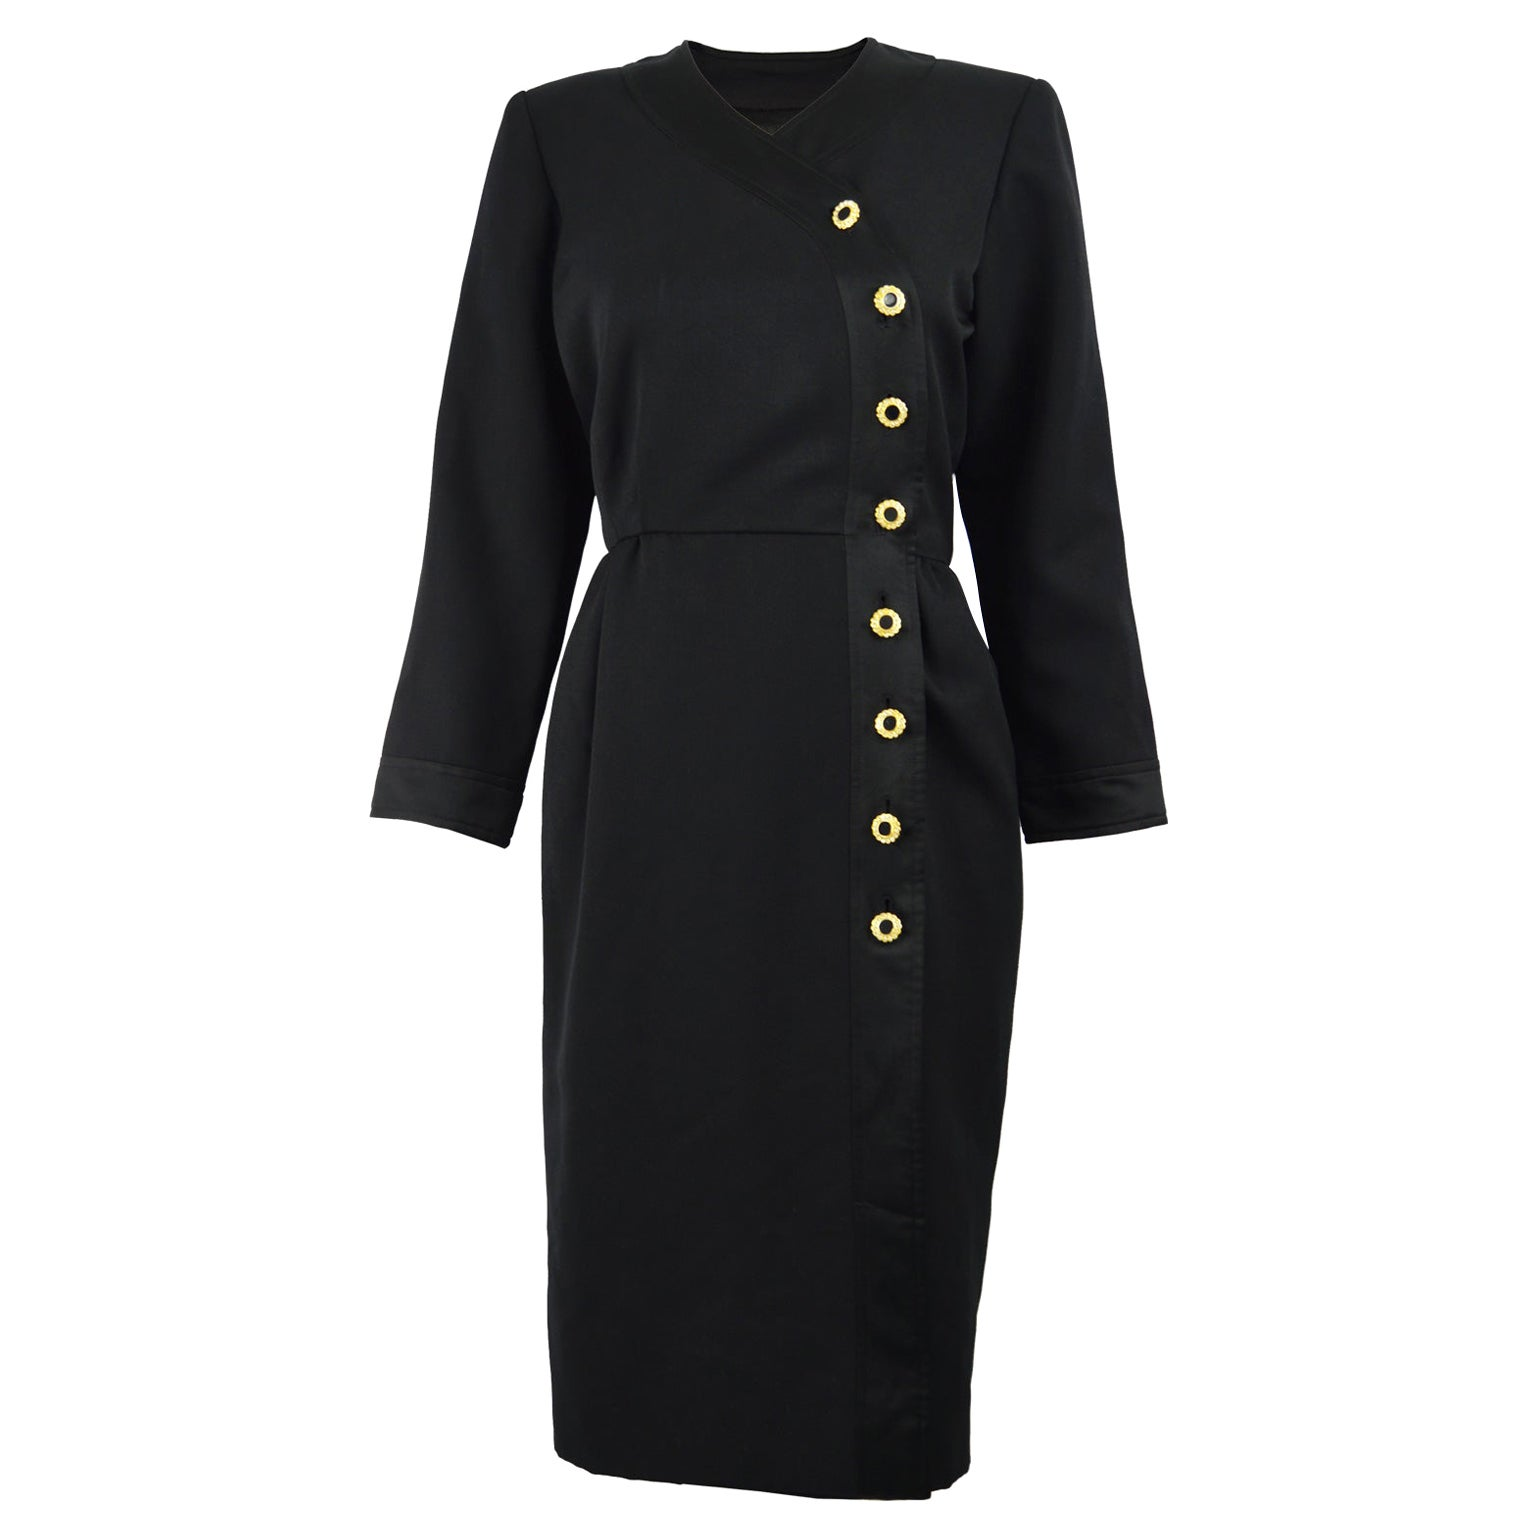 Yves Saint Laurent Rive Gauche Sophisticated Black Faille Blouson Dress, 1980s